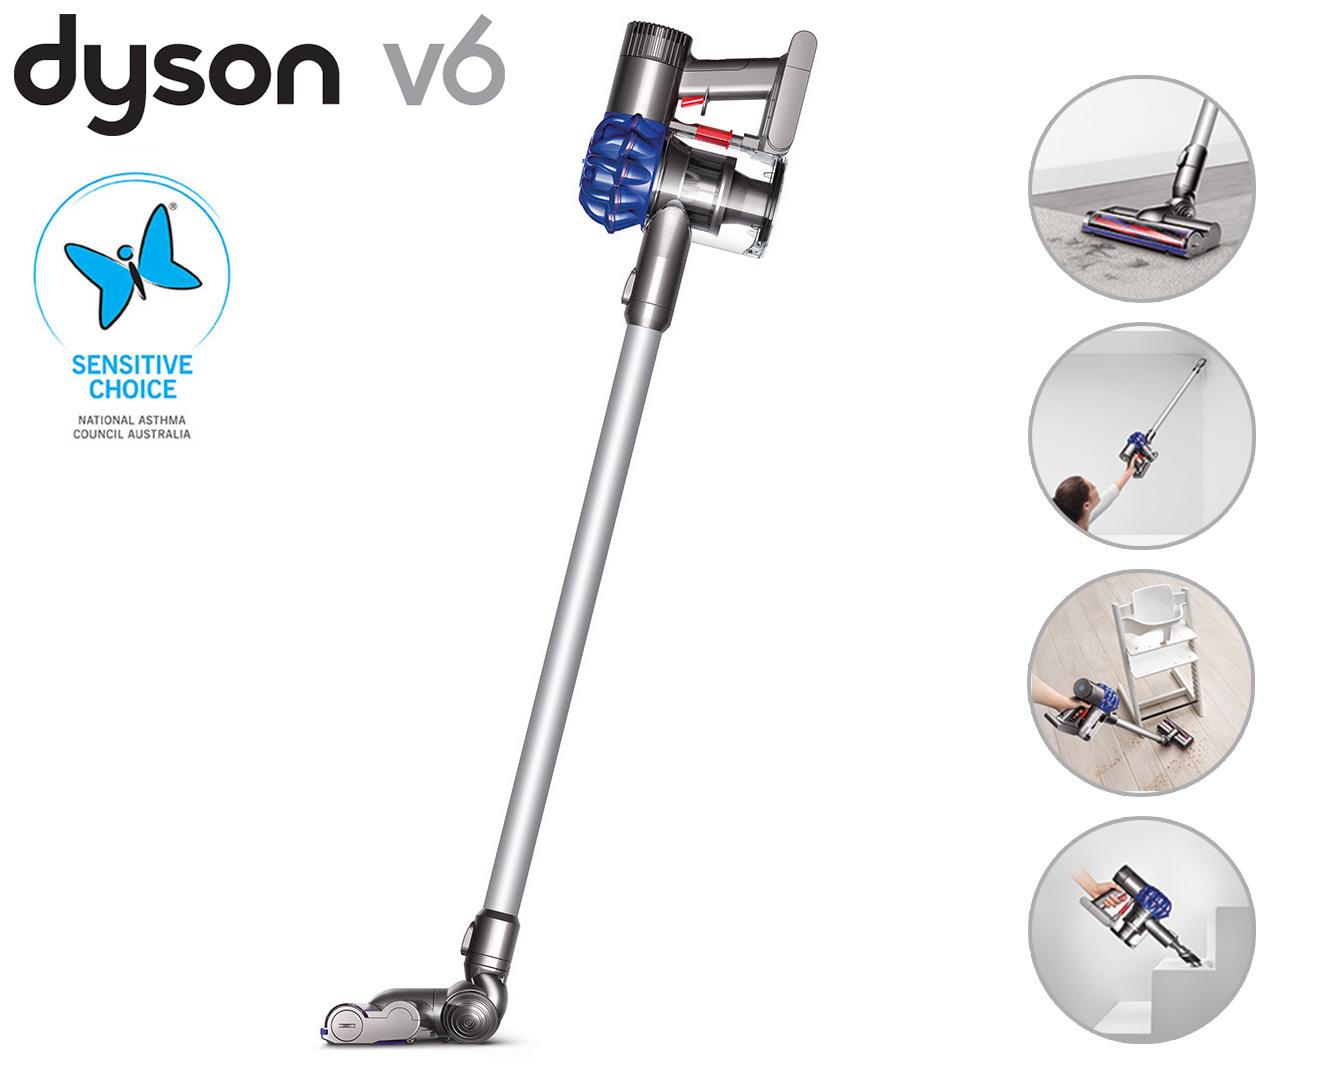 Dyson vacuum v6 slim как мыть фильтр от пылесоса дайсон